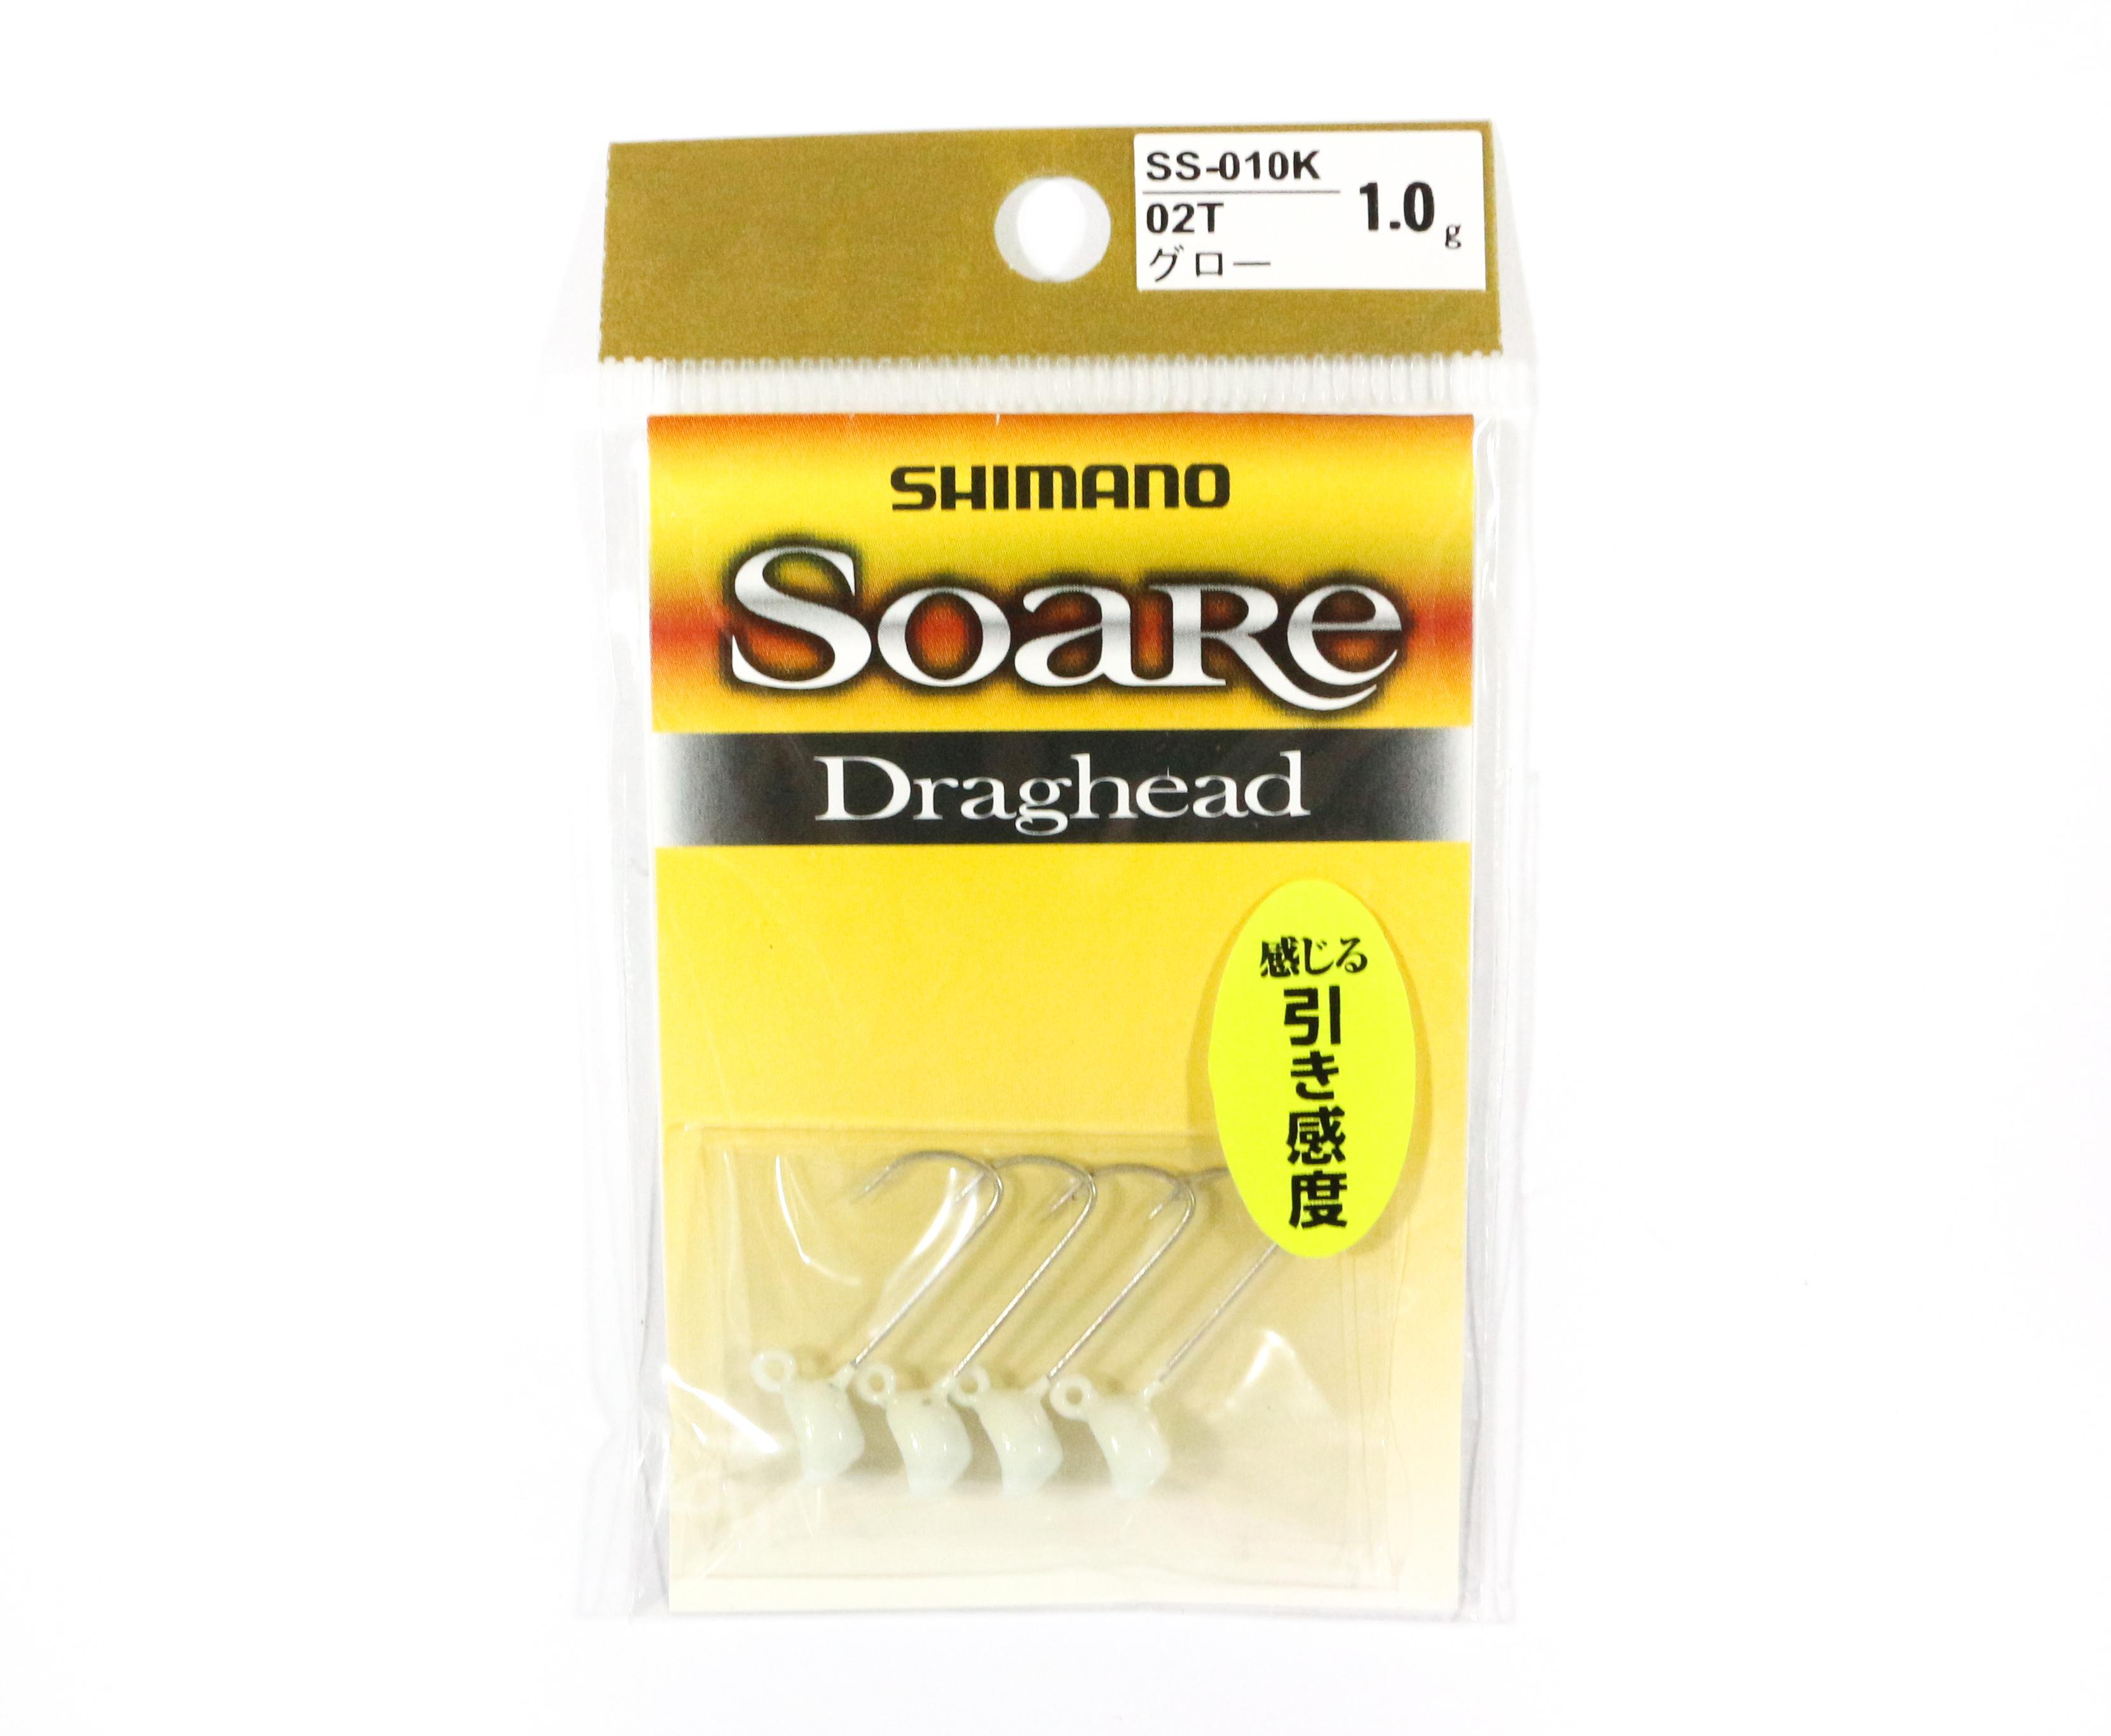 Shimano SS-010K Jig Head Soare Drag Head Glow 1.0 grams 02T 762863